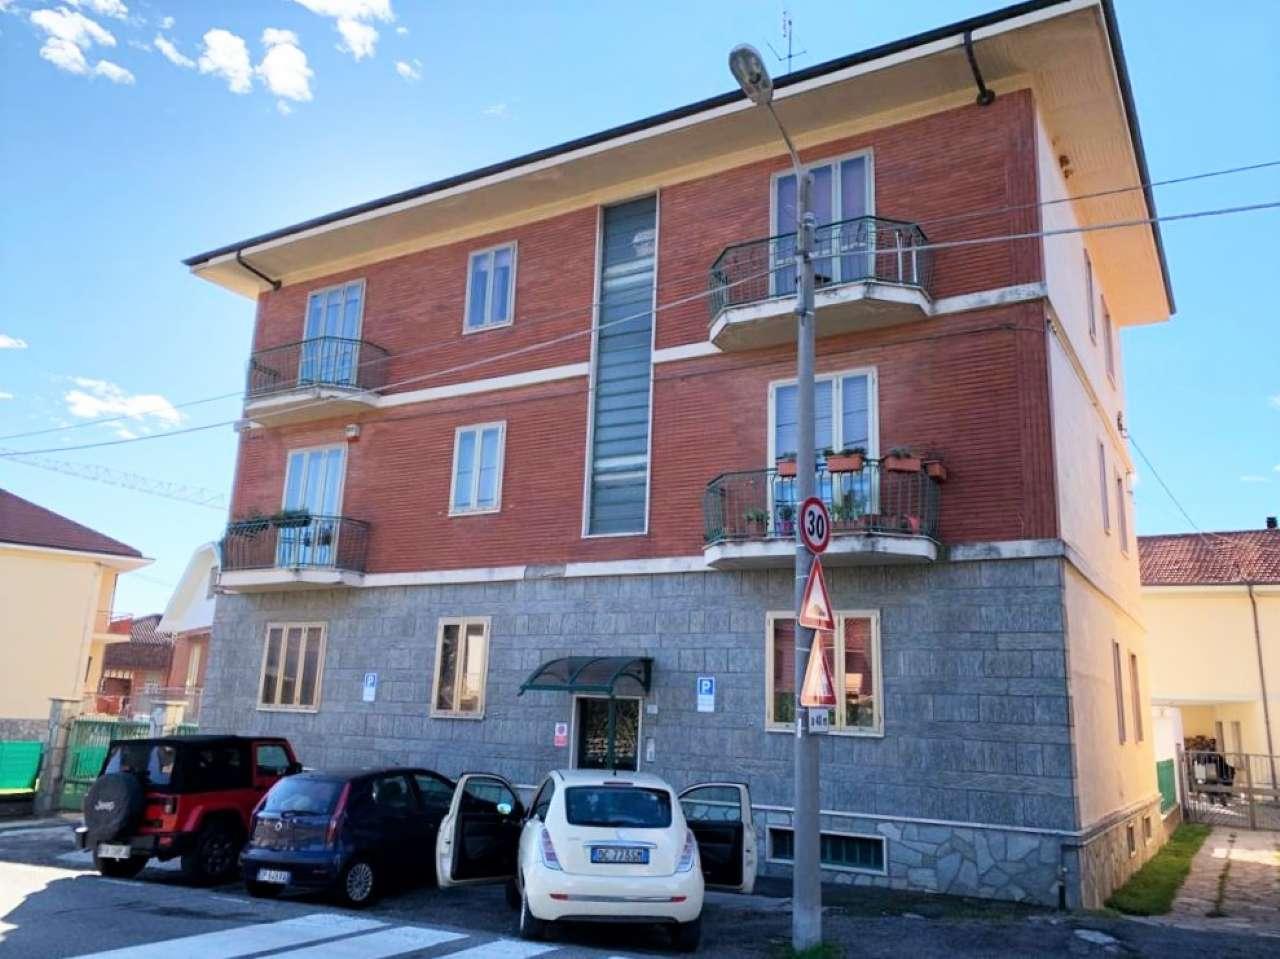 Appartamento in vendita a Villarbasse, 4 locali, prezzo € 63.000 | PortaleAgenzieImmobiliari.it